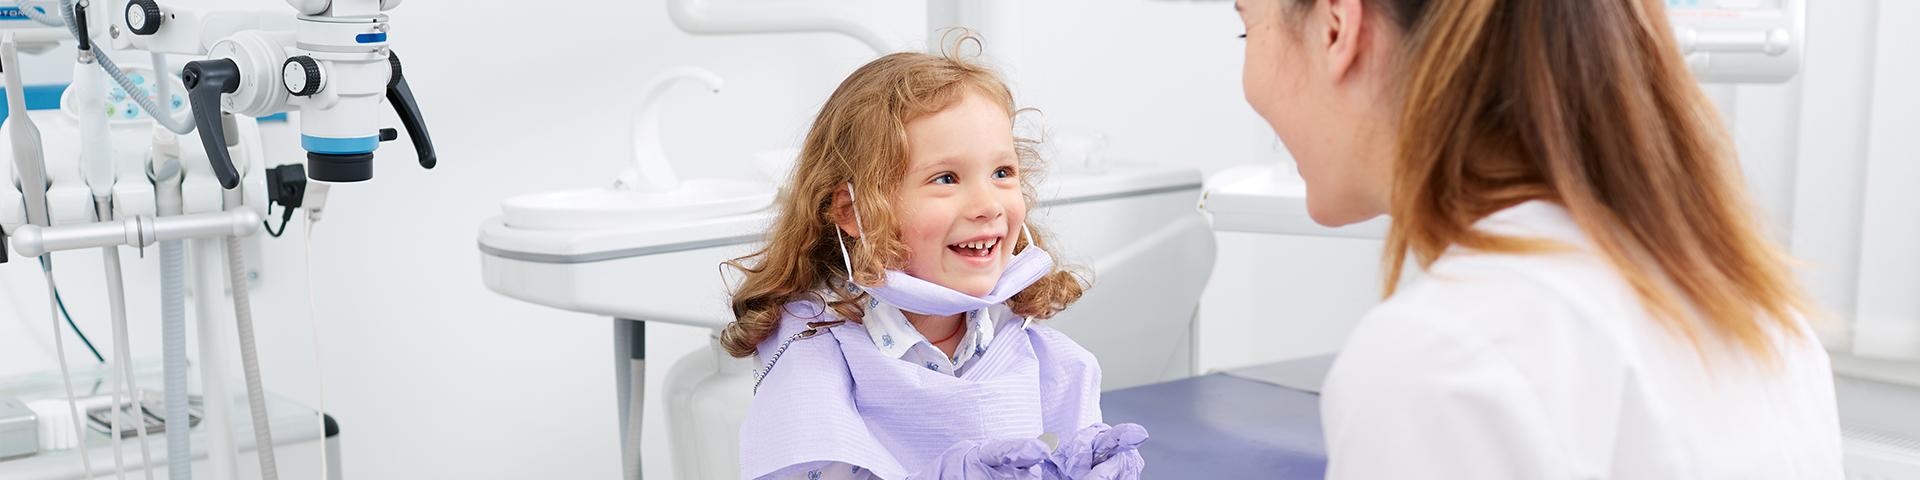 Kleines Mädchen lächelt sitzt auf Behandlungsstuhl und lächelt die Zahnärztin an